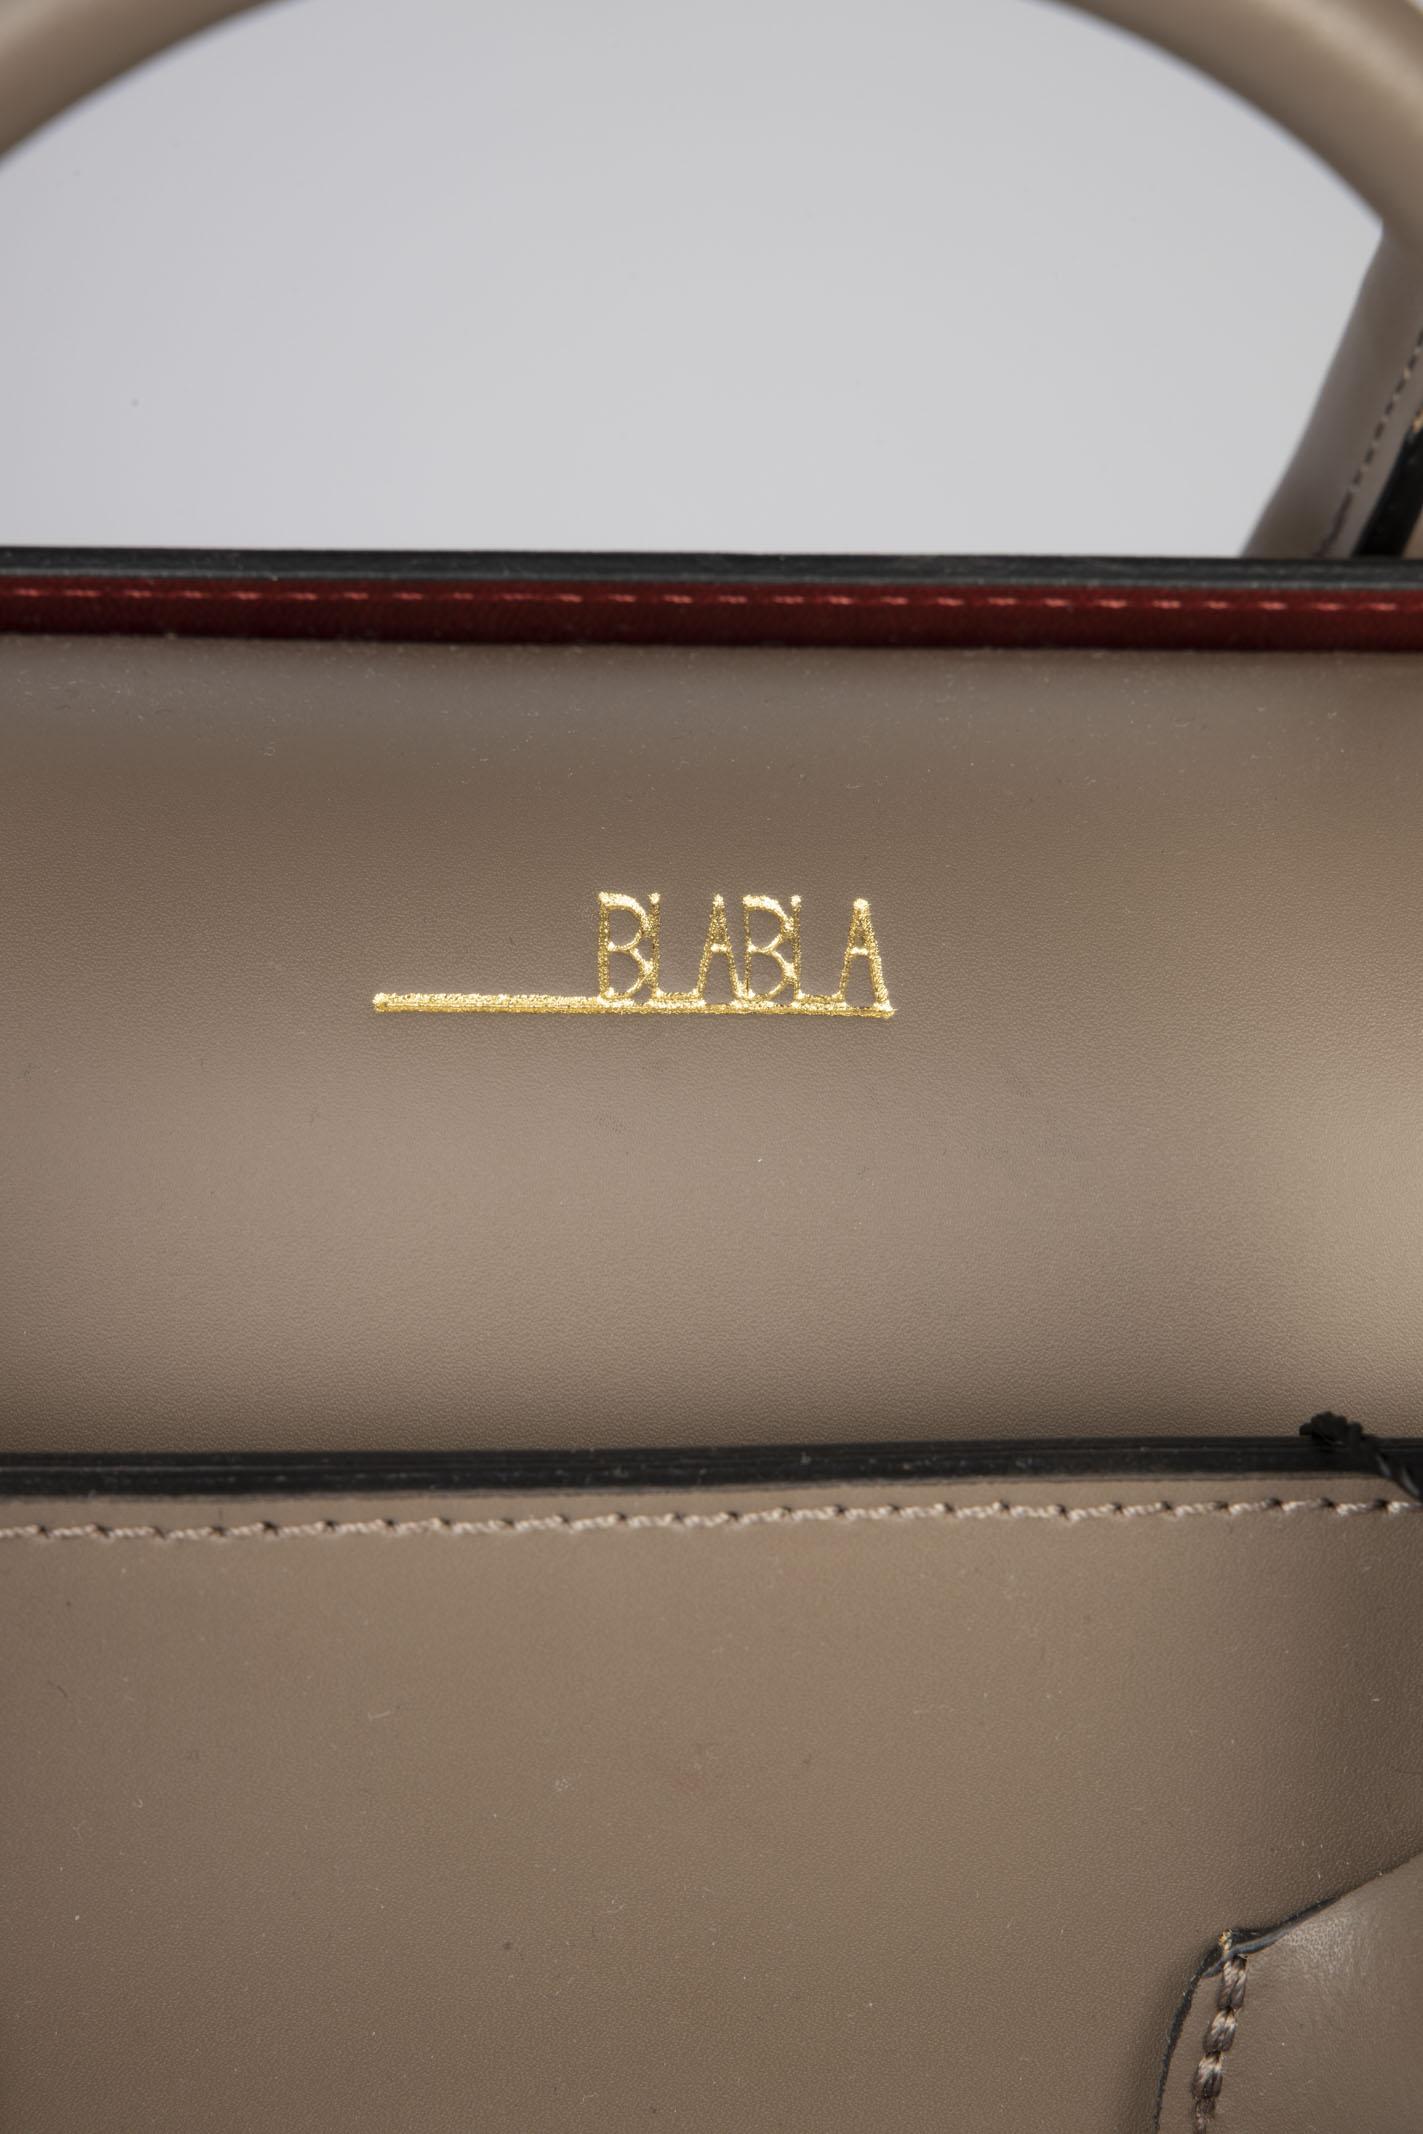 Bla Bla 1977 |  | 3893993TORTORA